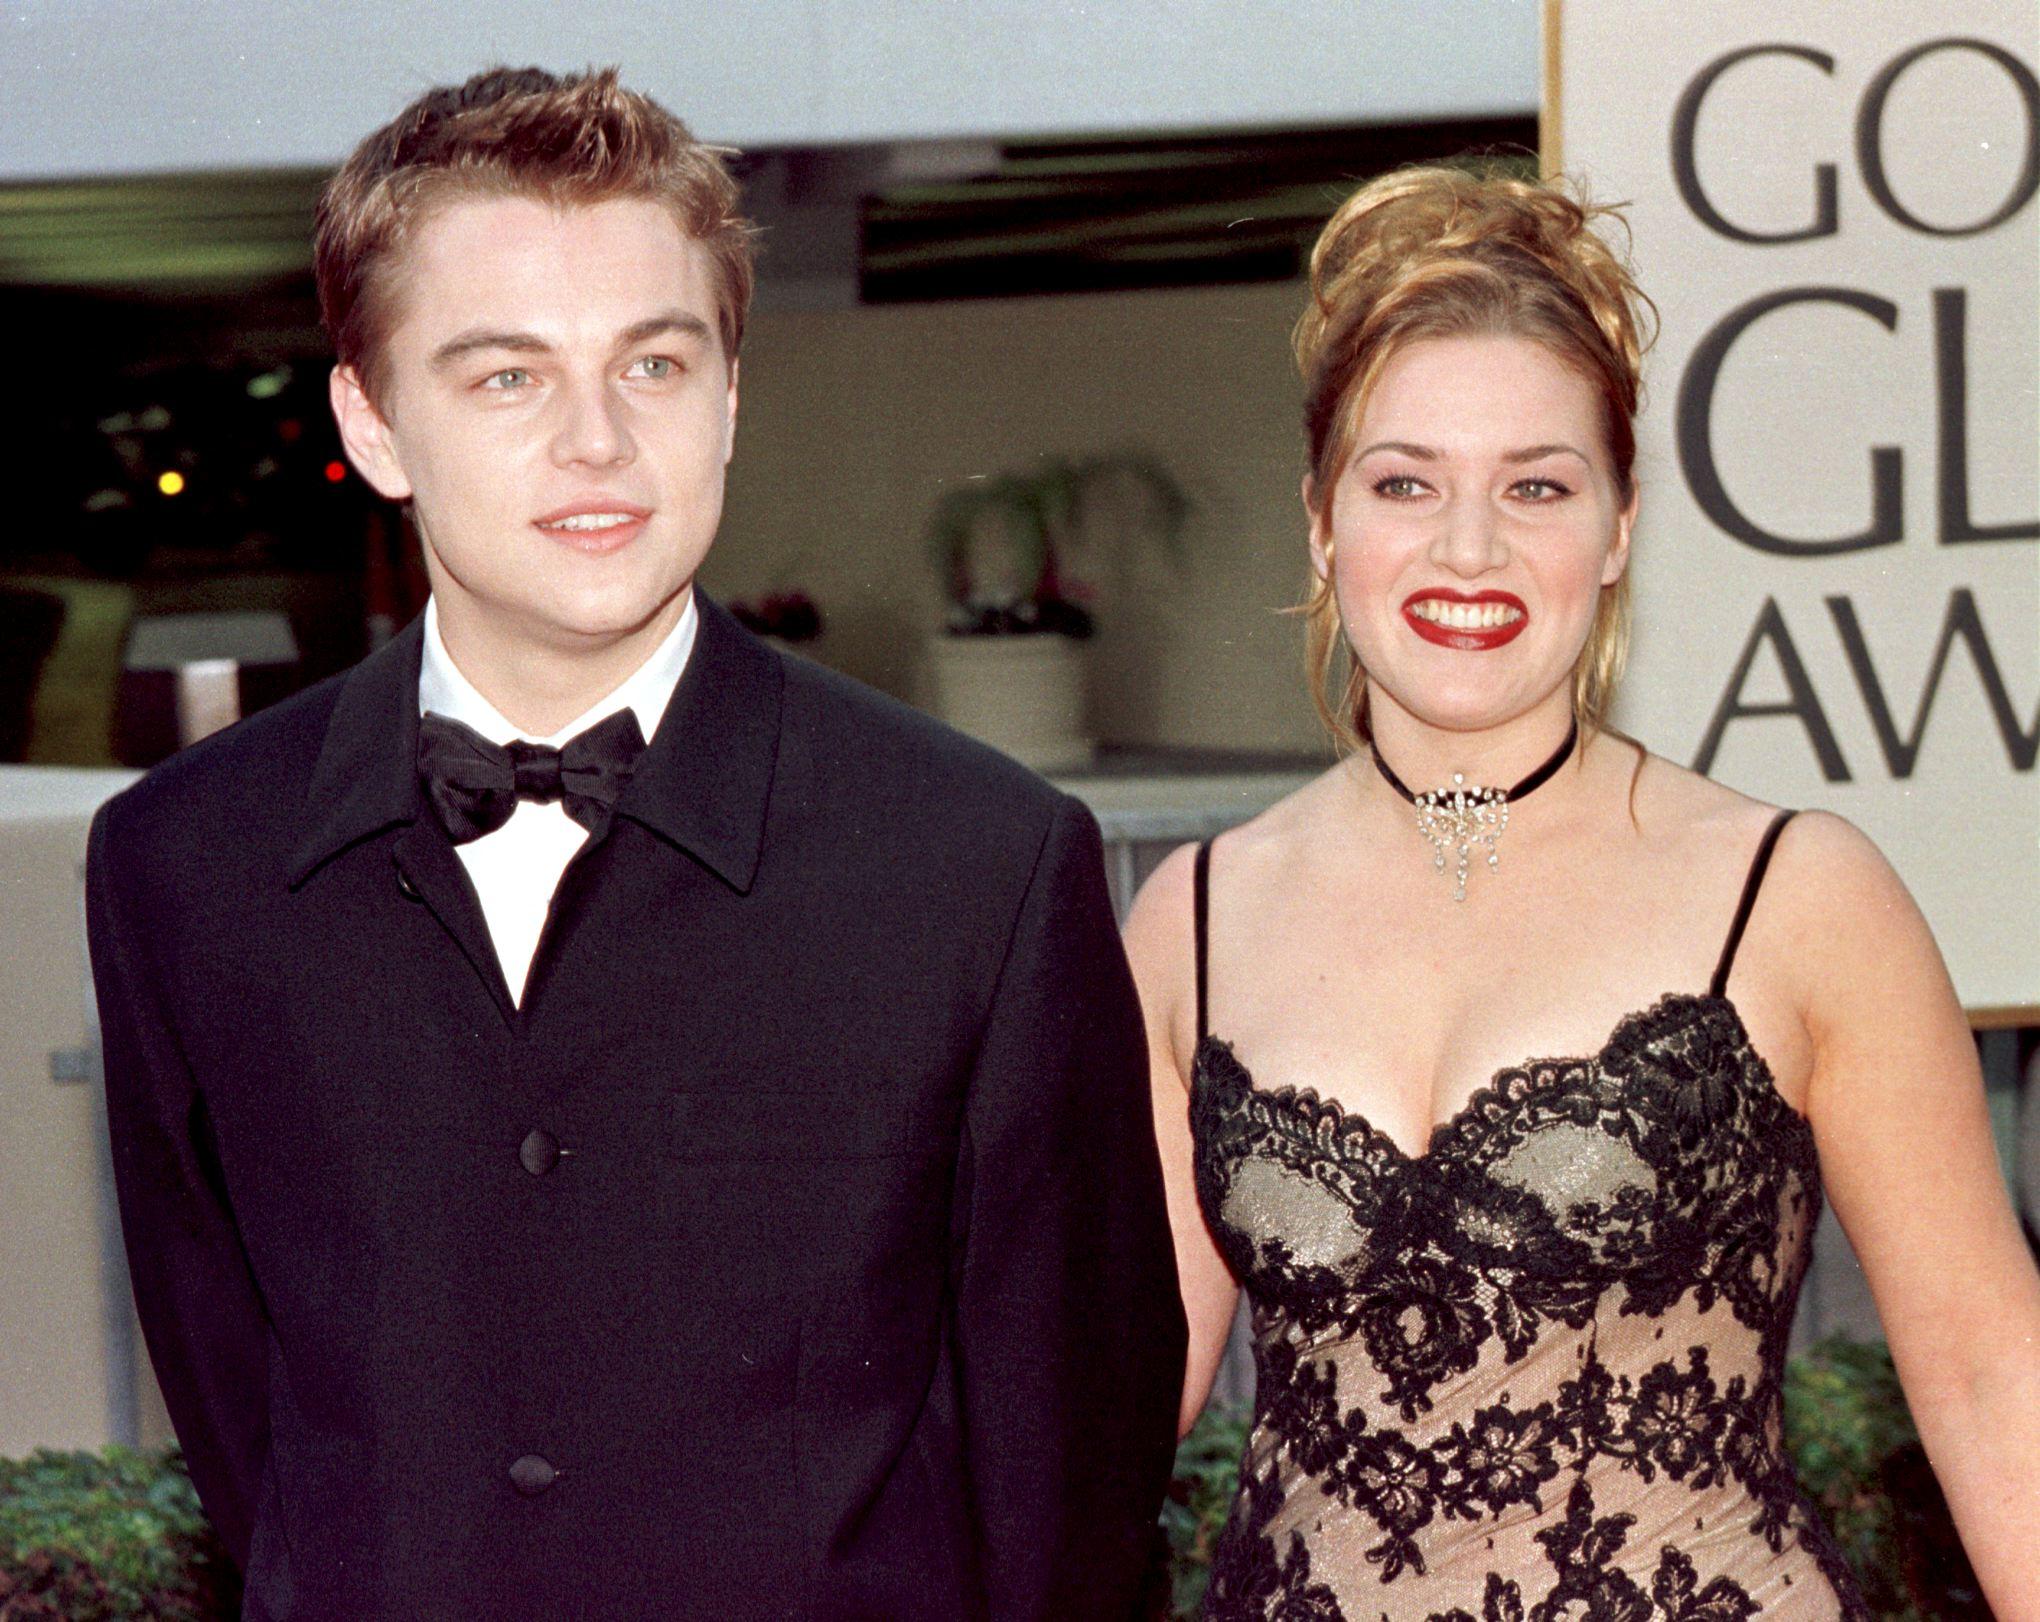 Leonardo DiCaprio at the Golden Globe Awards in 1998.